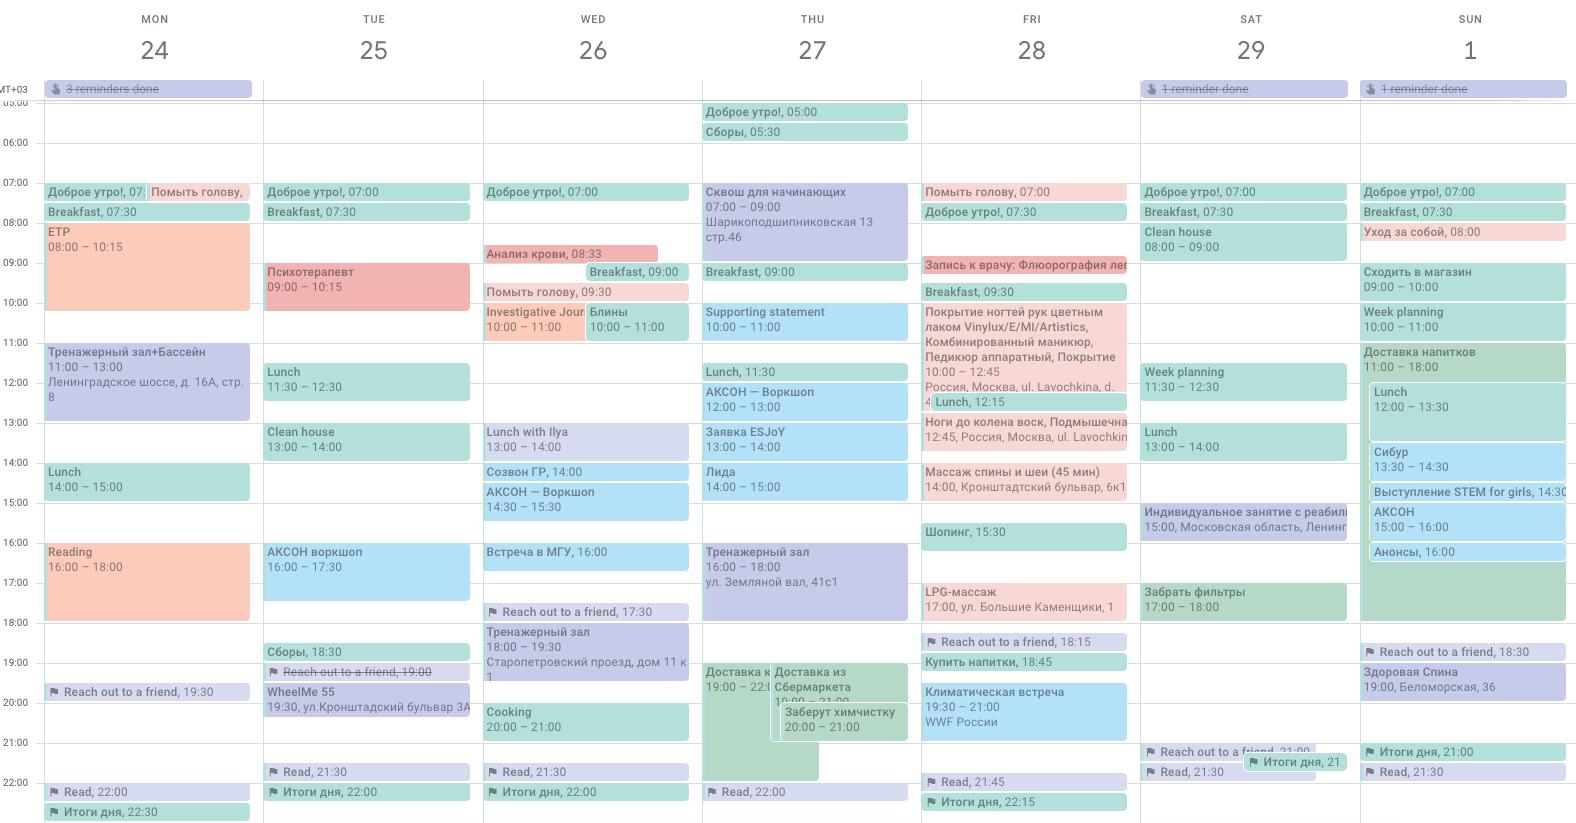 Так выглядела моя типичная докоронавирусная неделя с 24 февраля по 1 марта. Цвет в календаре означает тип события